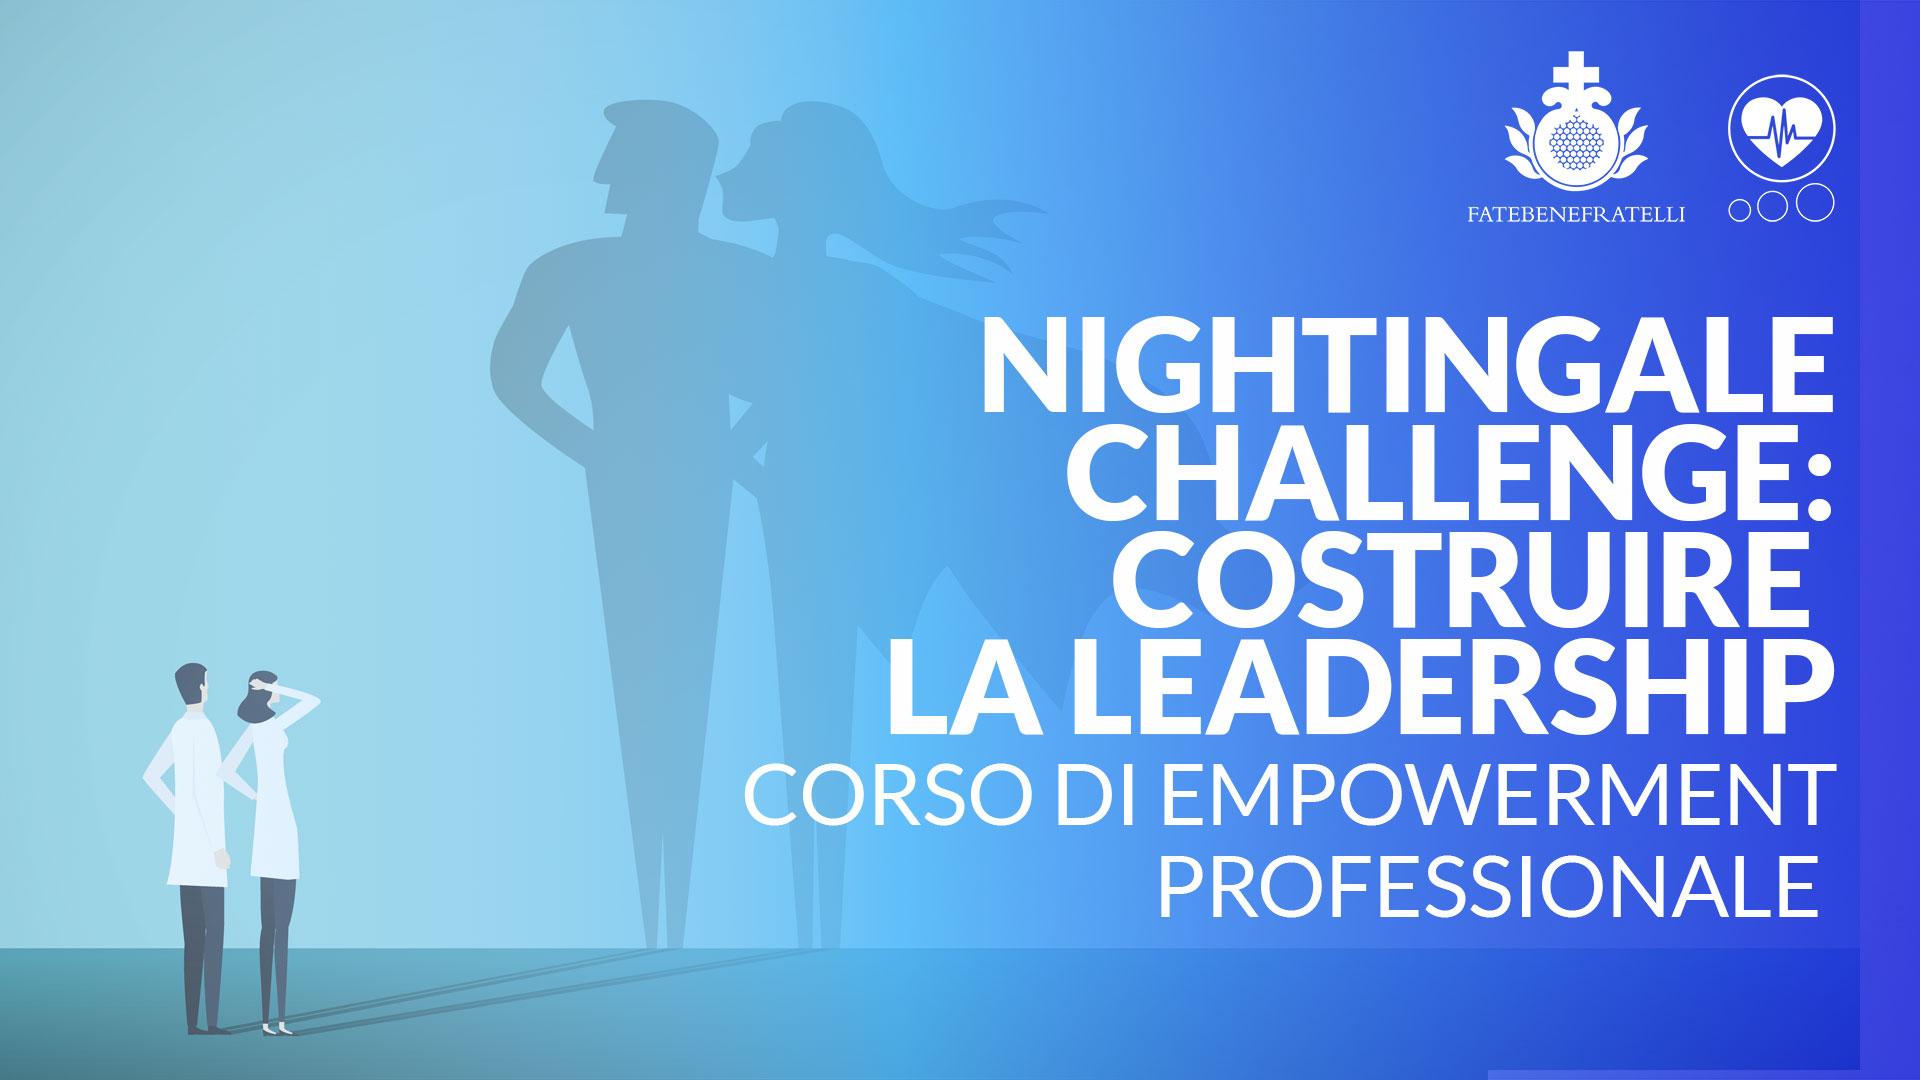 NIGHTINGALE CHALLENGE: Costruire la leadership. Corso di EMPOWERMENT PROFESSIONALE